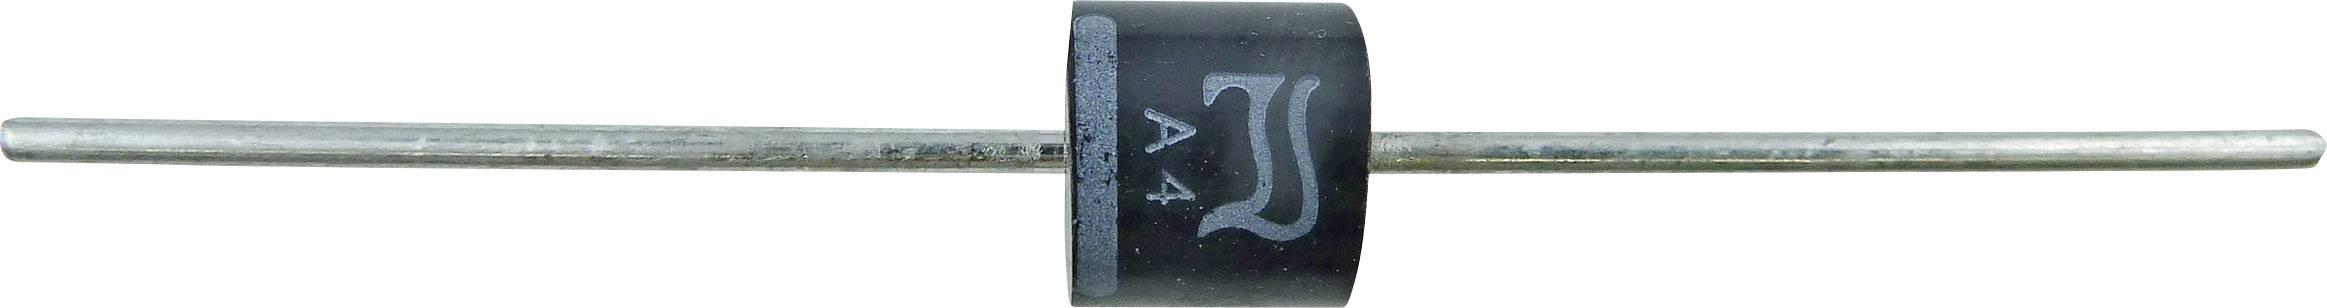 Kremíková usmerňovacia dióda Diotec P600K P600K 6 A, 800 V